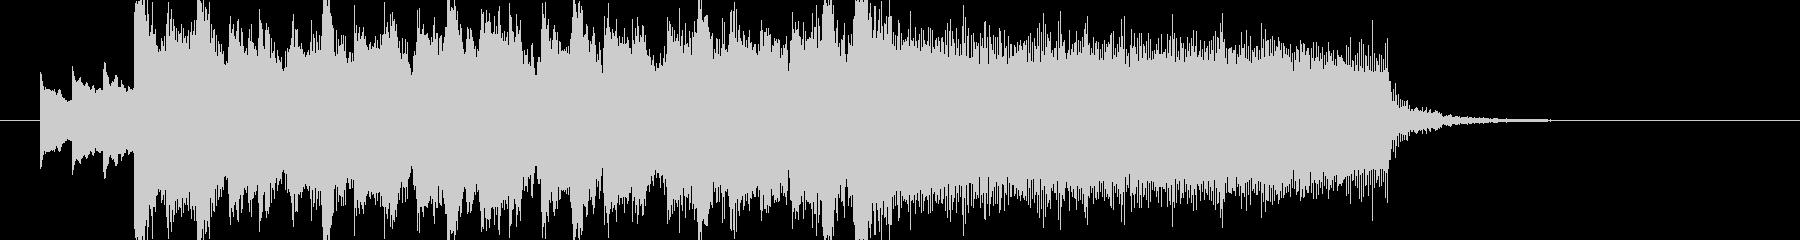 アイドルキラキラポップ4つ打ちジングルaの未再生の波形